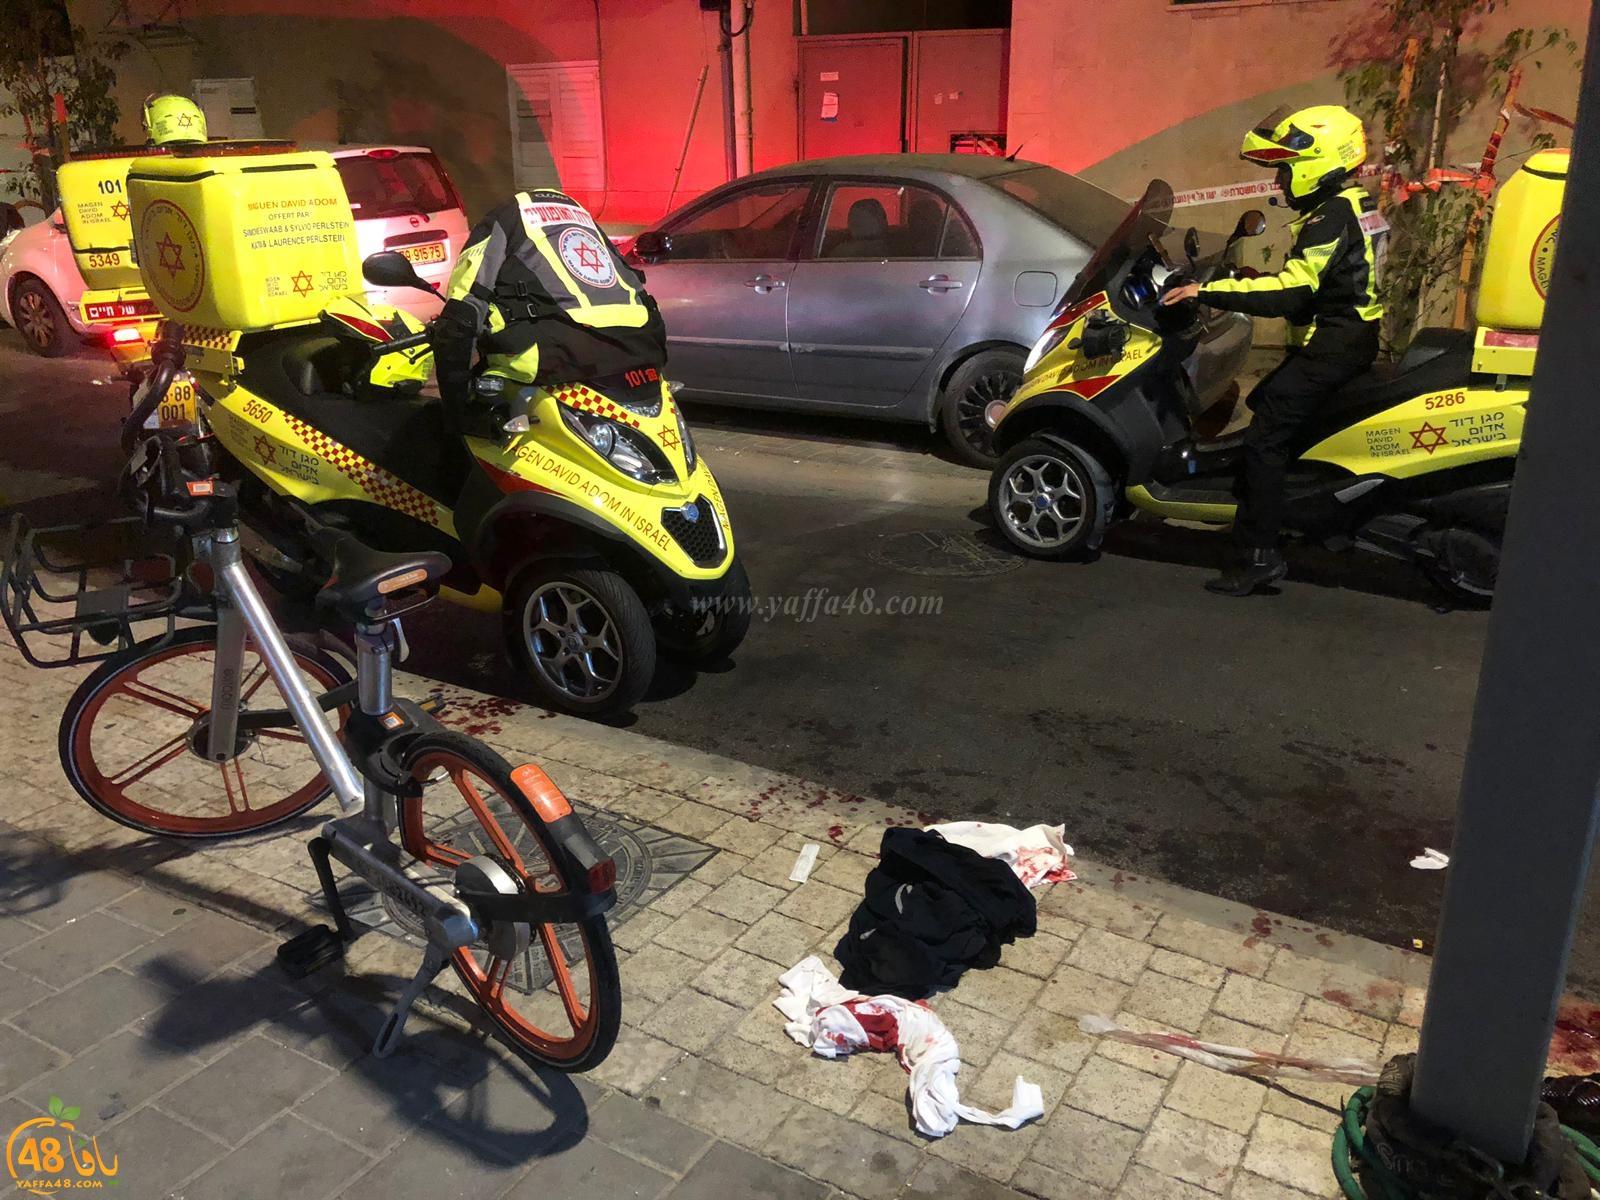 منتصف الليلة - اصابة متوسطة لأثيوبي بحادثة طعن شرق مدينة يافا